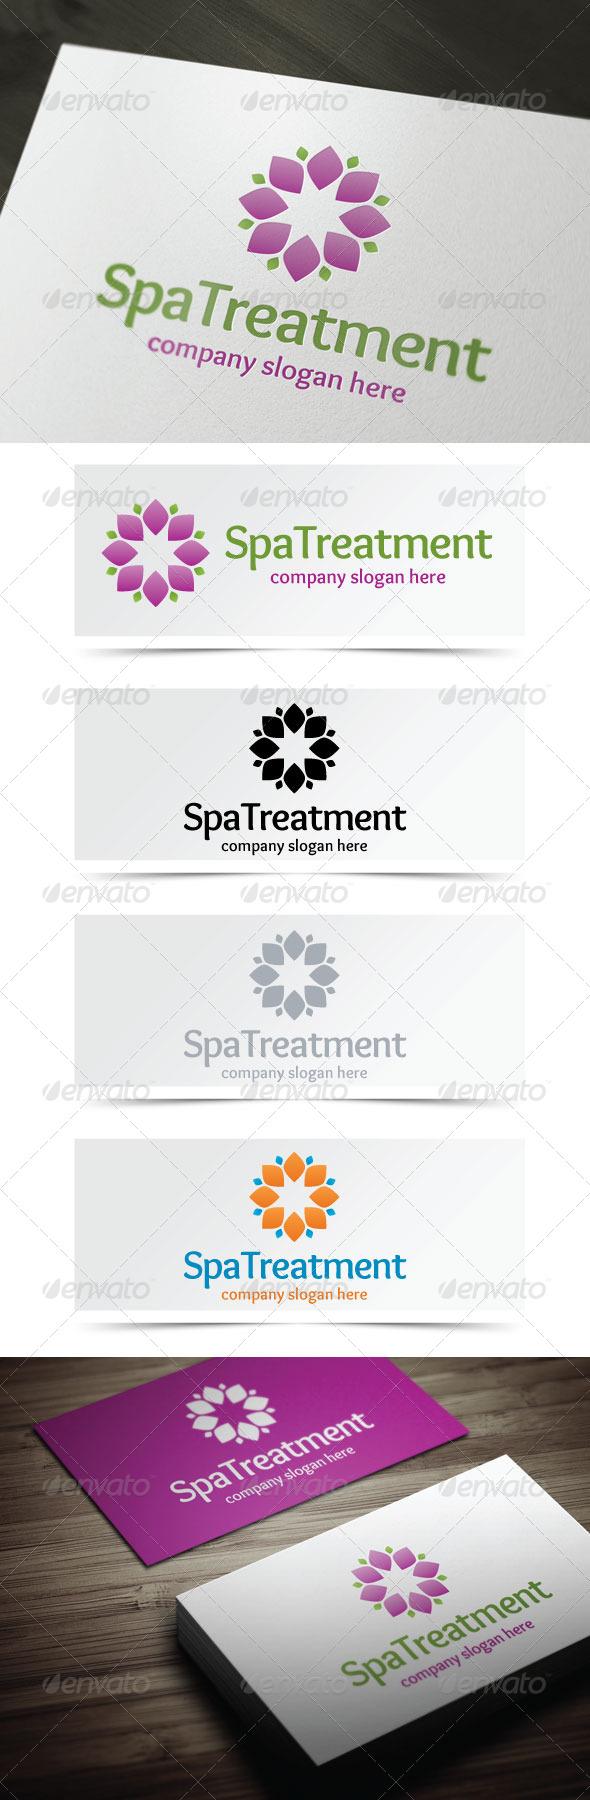 GraphicRiver Spa Treatment 4894851